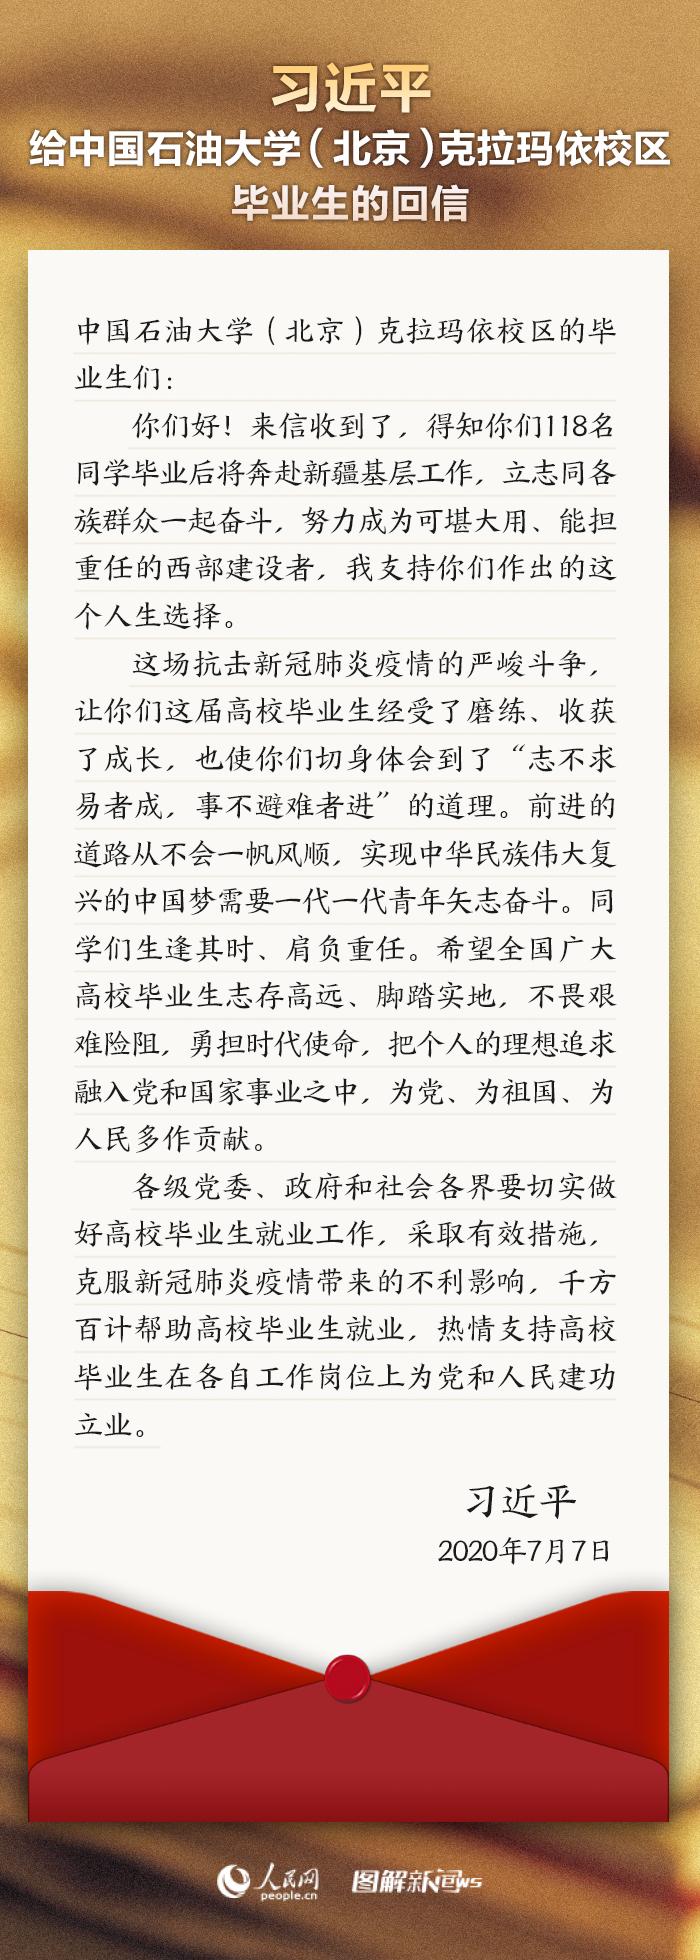 西峡县桑坪镇 迎难而上  打好教育扶贫攻坚战